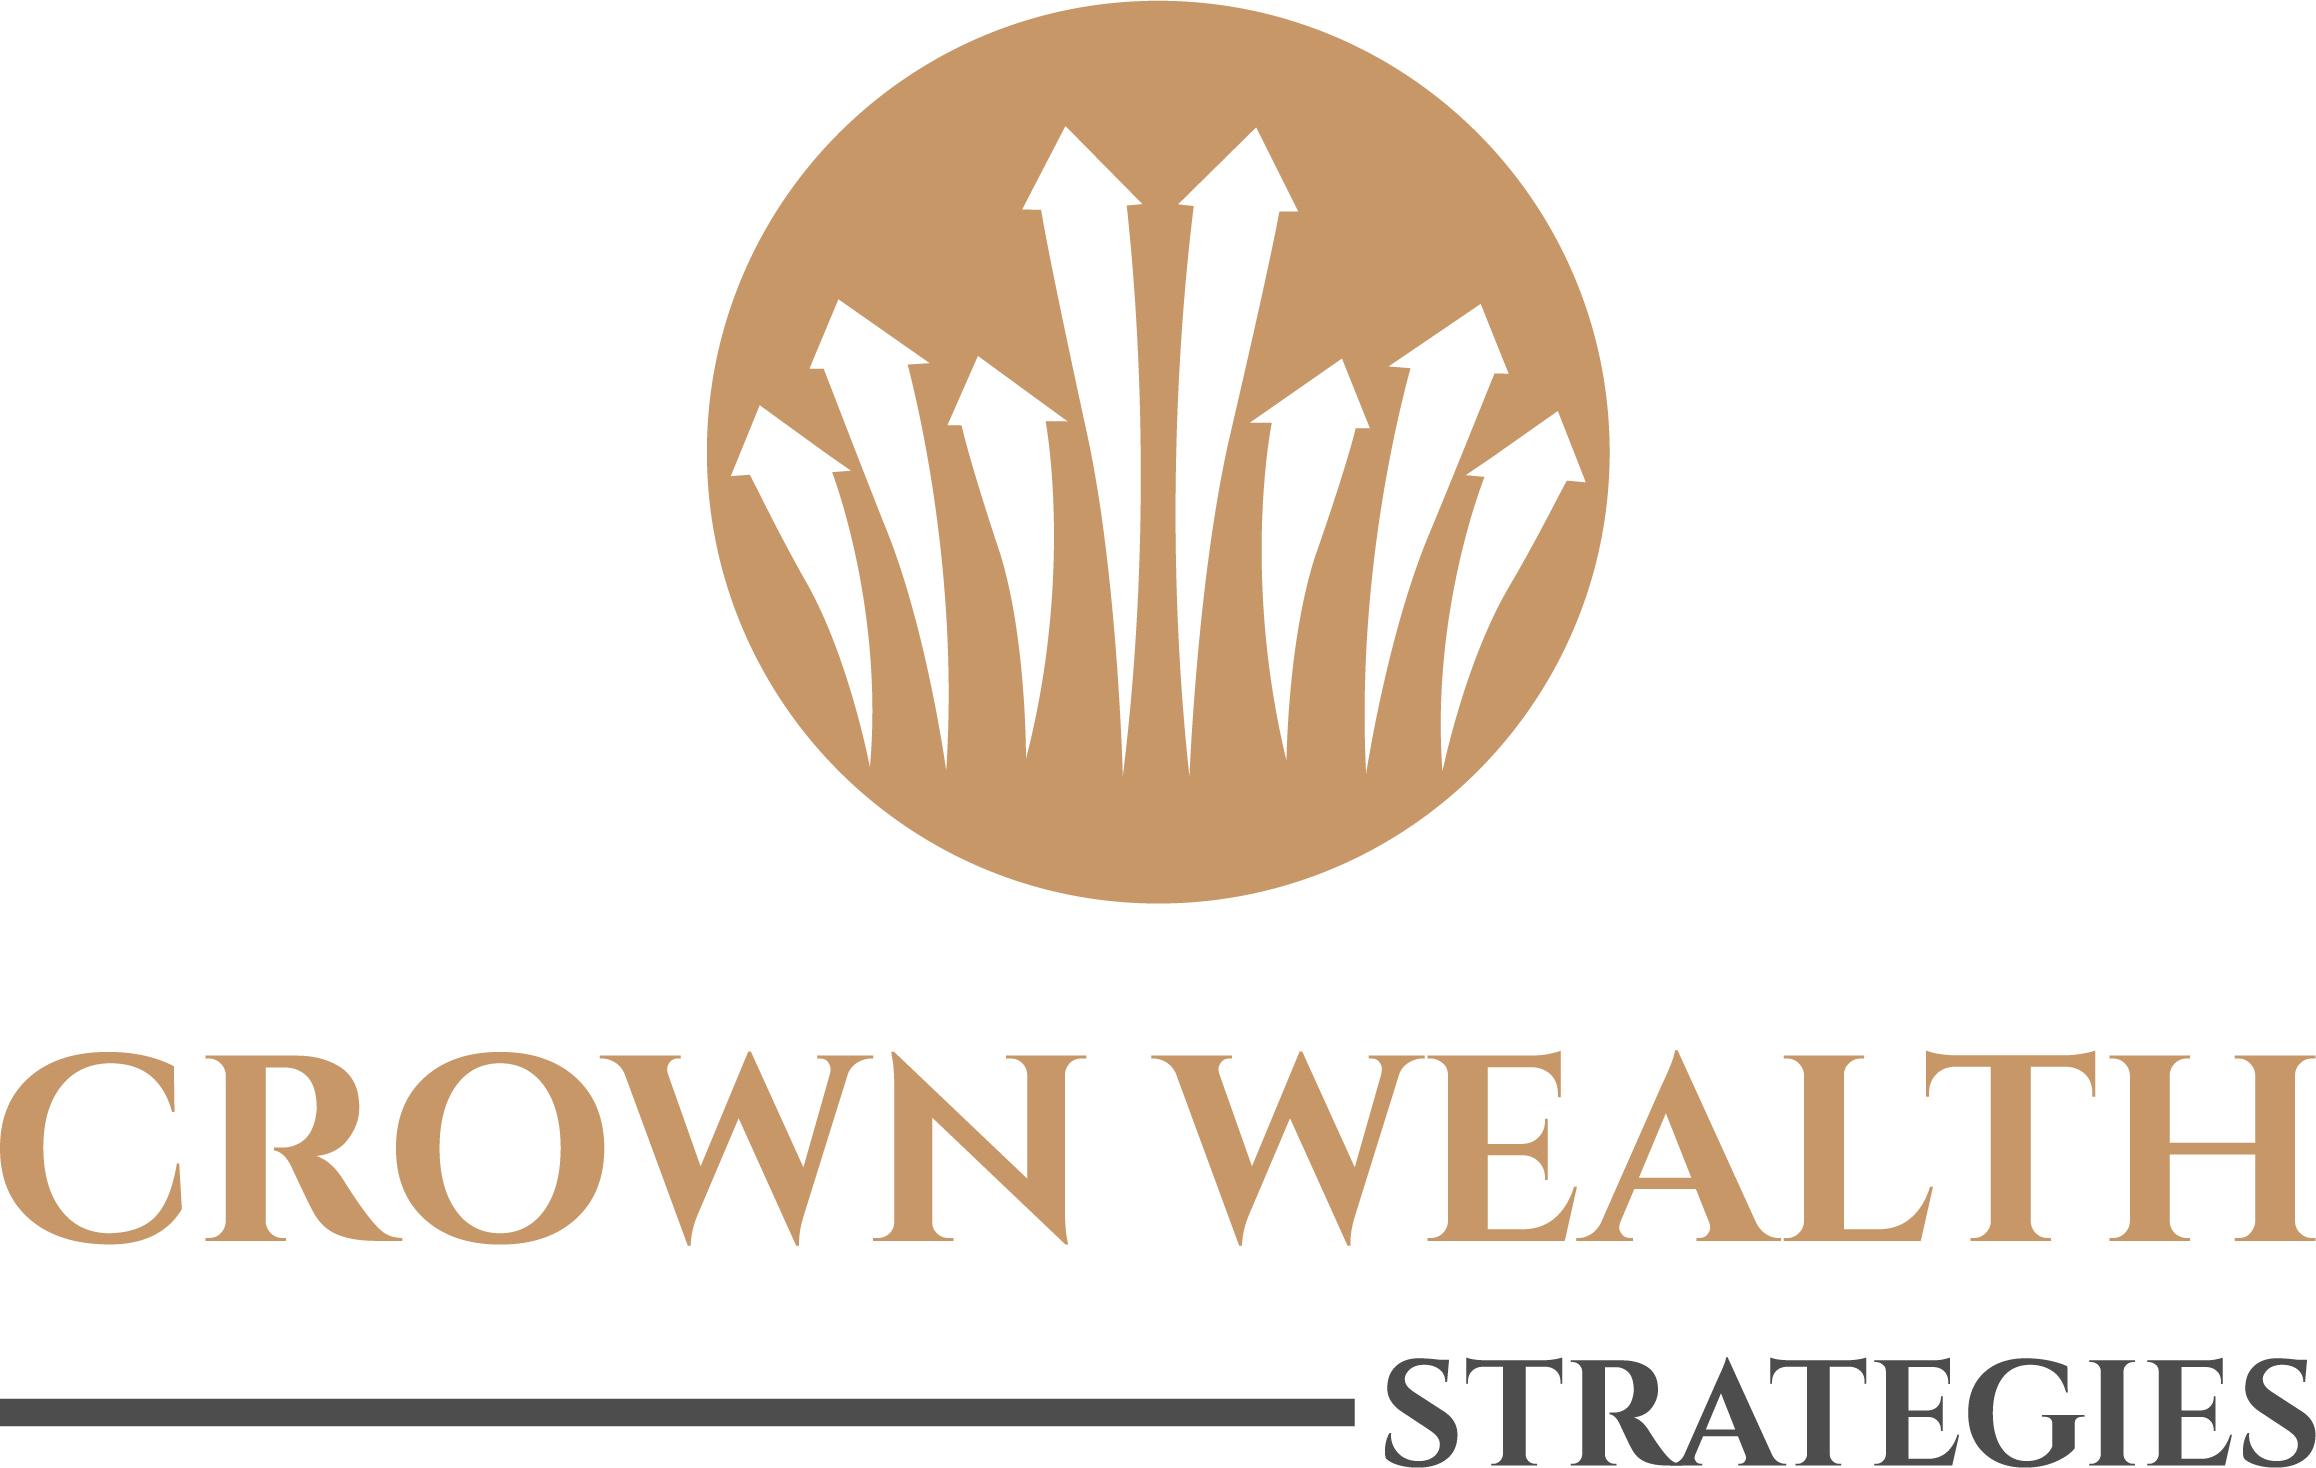 Crown wealth strategies logo